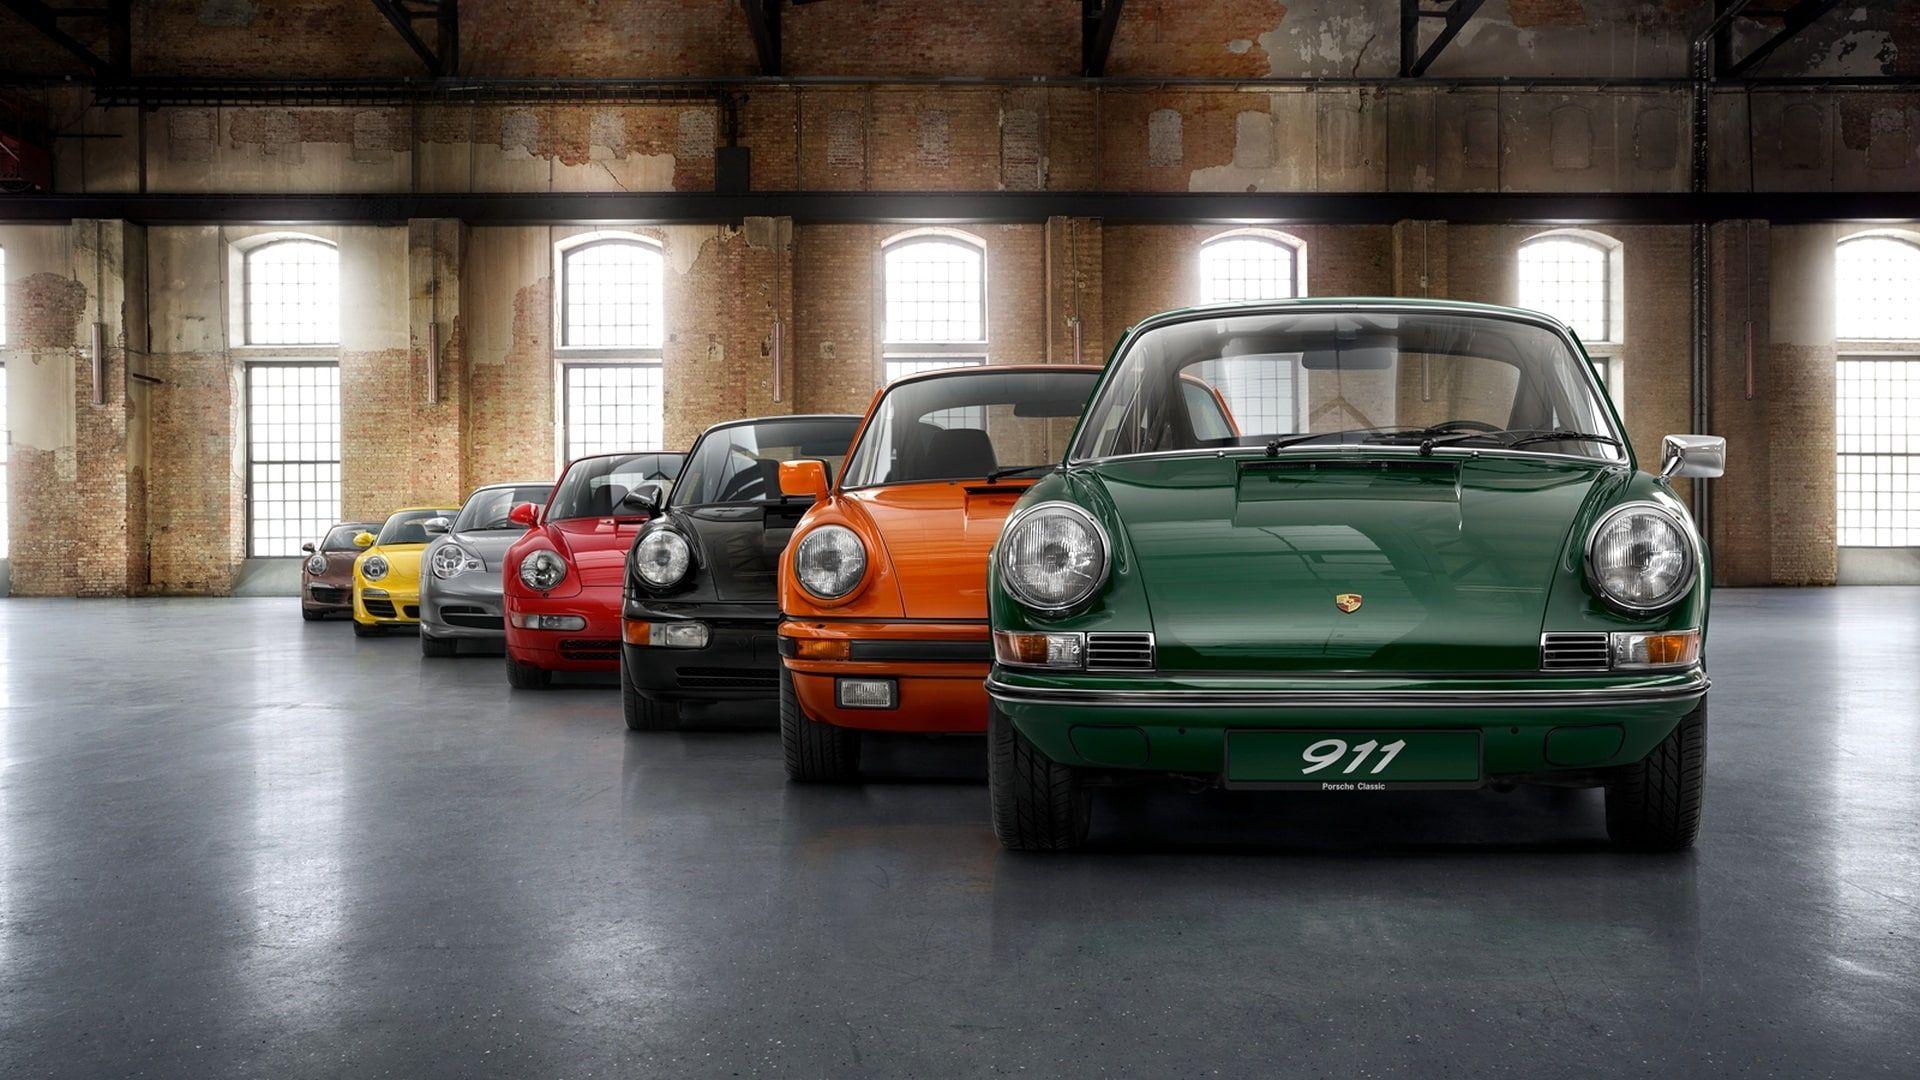 Porsche Model Range Seven Colors Car Car Lot Porsche Model Range Seven Colors Car 1080p Wallpaper Hdwallp Classic Porsche Porsche 911 Porsche Models